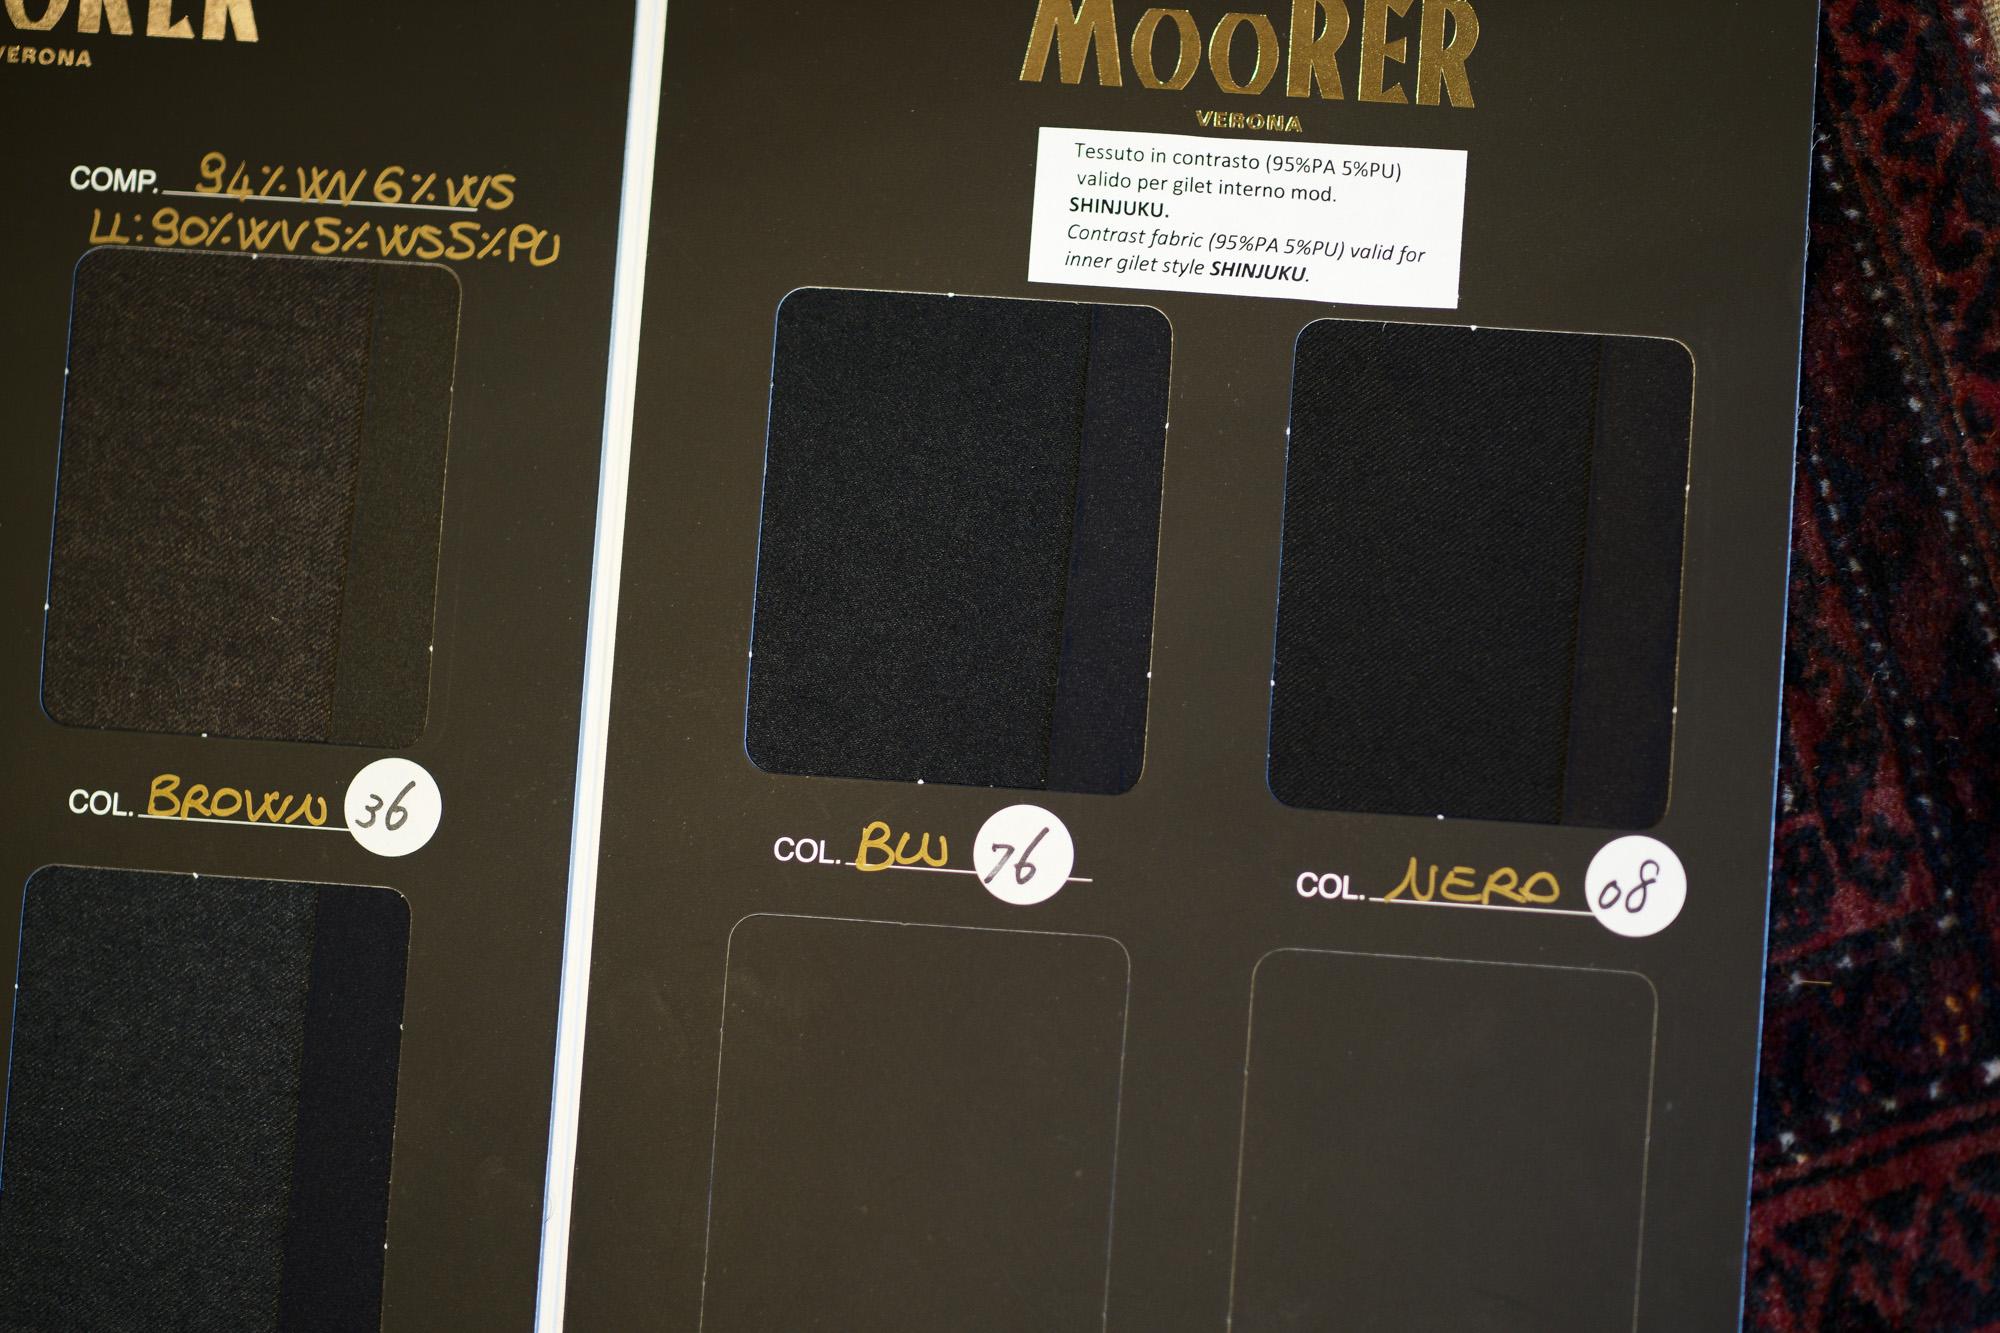 MOORER (ムーレー) SIRO-L (シロ) LoroPiana (ロロピアーナ) ウールカシミア ダブルブレスト ダウン ジャケット BEIGE (ベージュ) , BROWN(ブラウン) , ANTRACITE(チャコールグレー) , BLUE GREY(ブルーグレー) , BLUE(ブルー) , NERO(ブラック) , Made in italy (イタリア製) 【2019 秋冬 受注会開催 2019.1.12~2019.1.20】 愛知 名古屋 altoediritto アルトエデリット ダウンジャケット